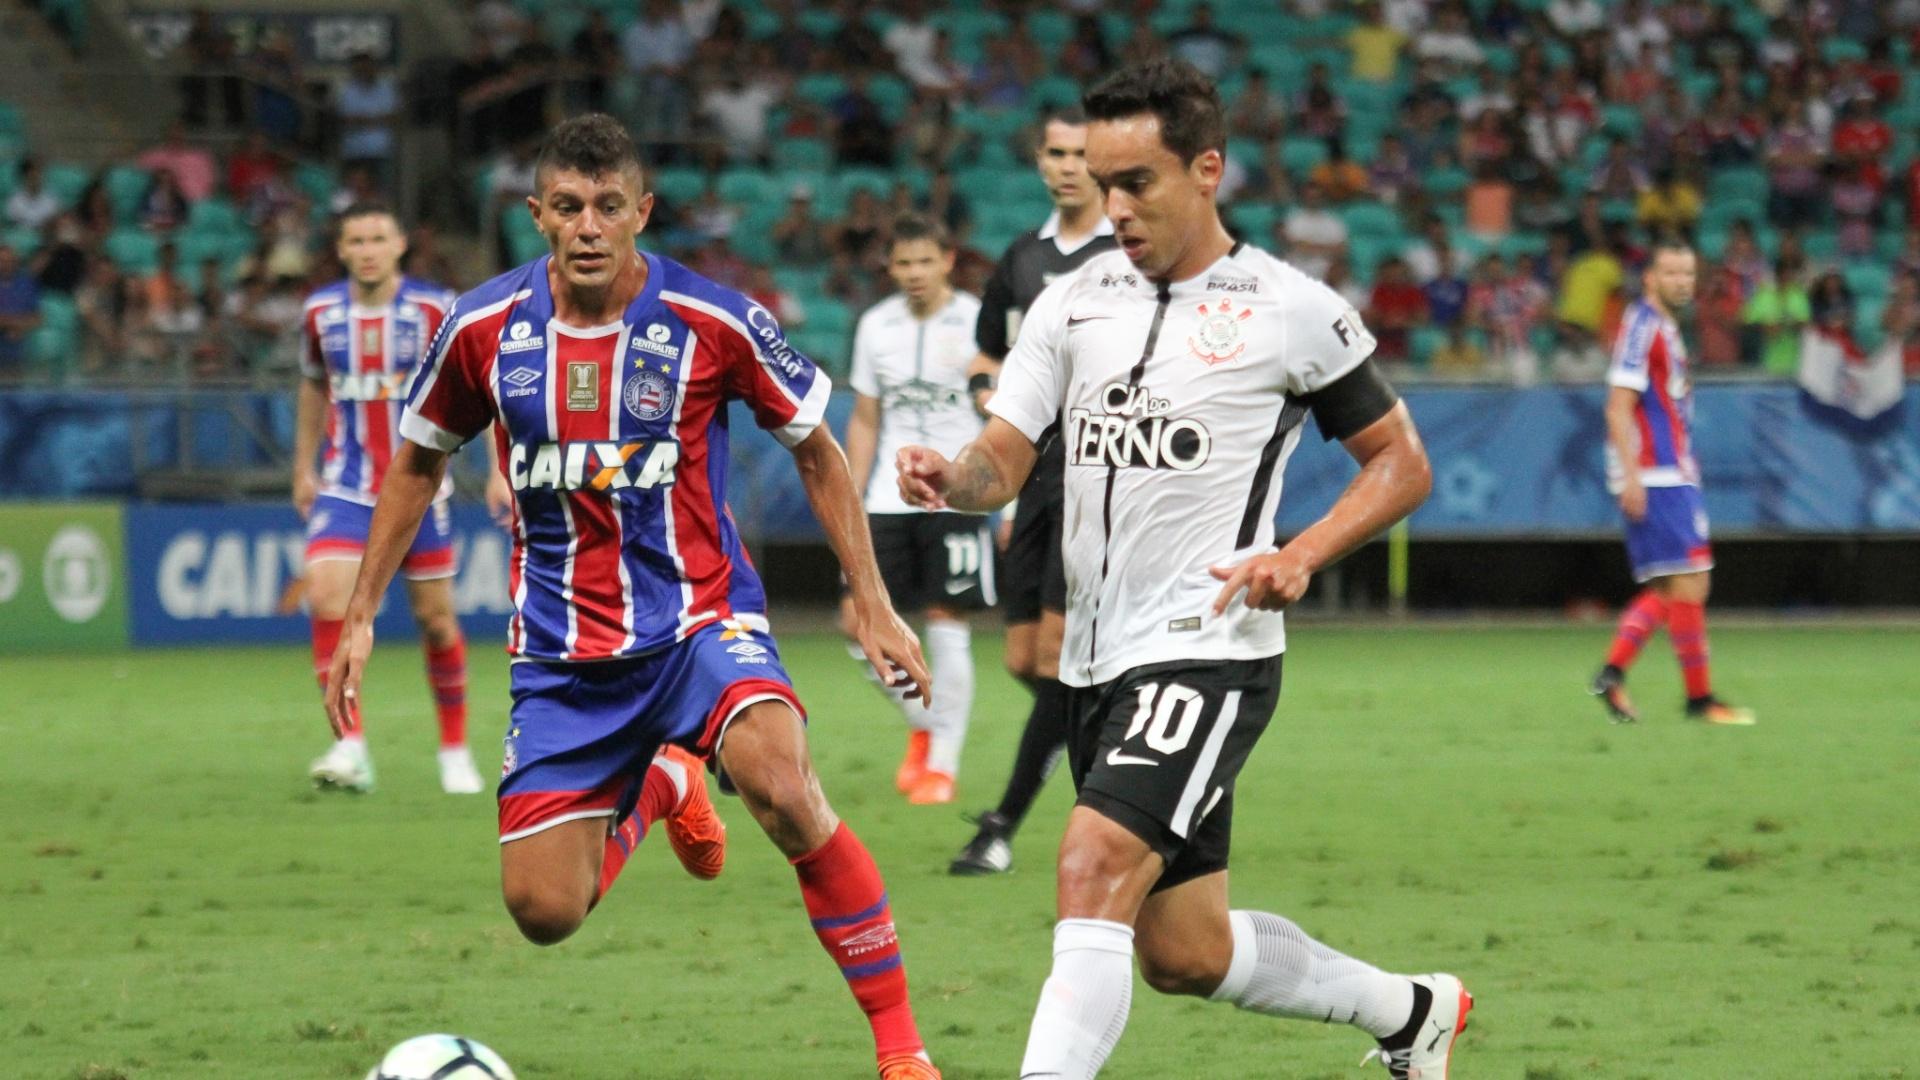 Edson e Jadson disputam a bola no jogo entre Bahia e Corinthians